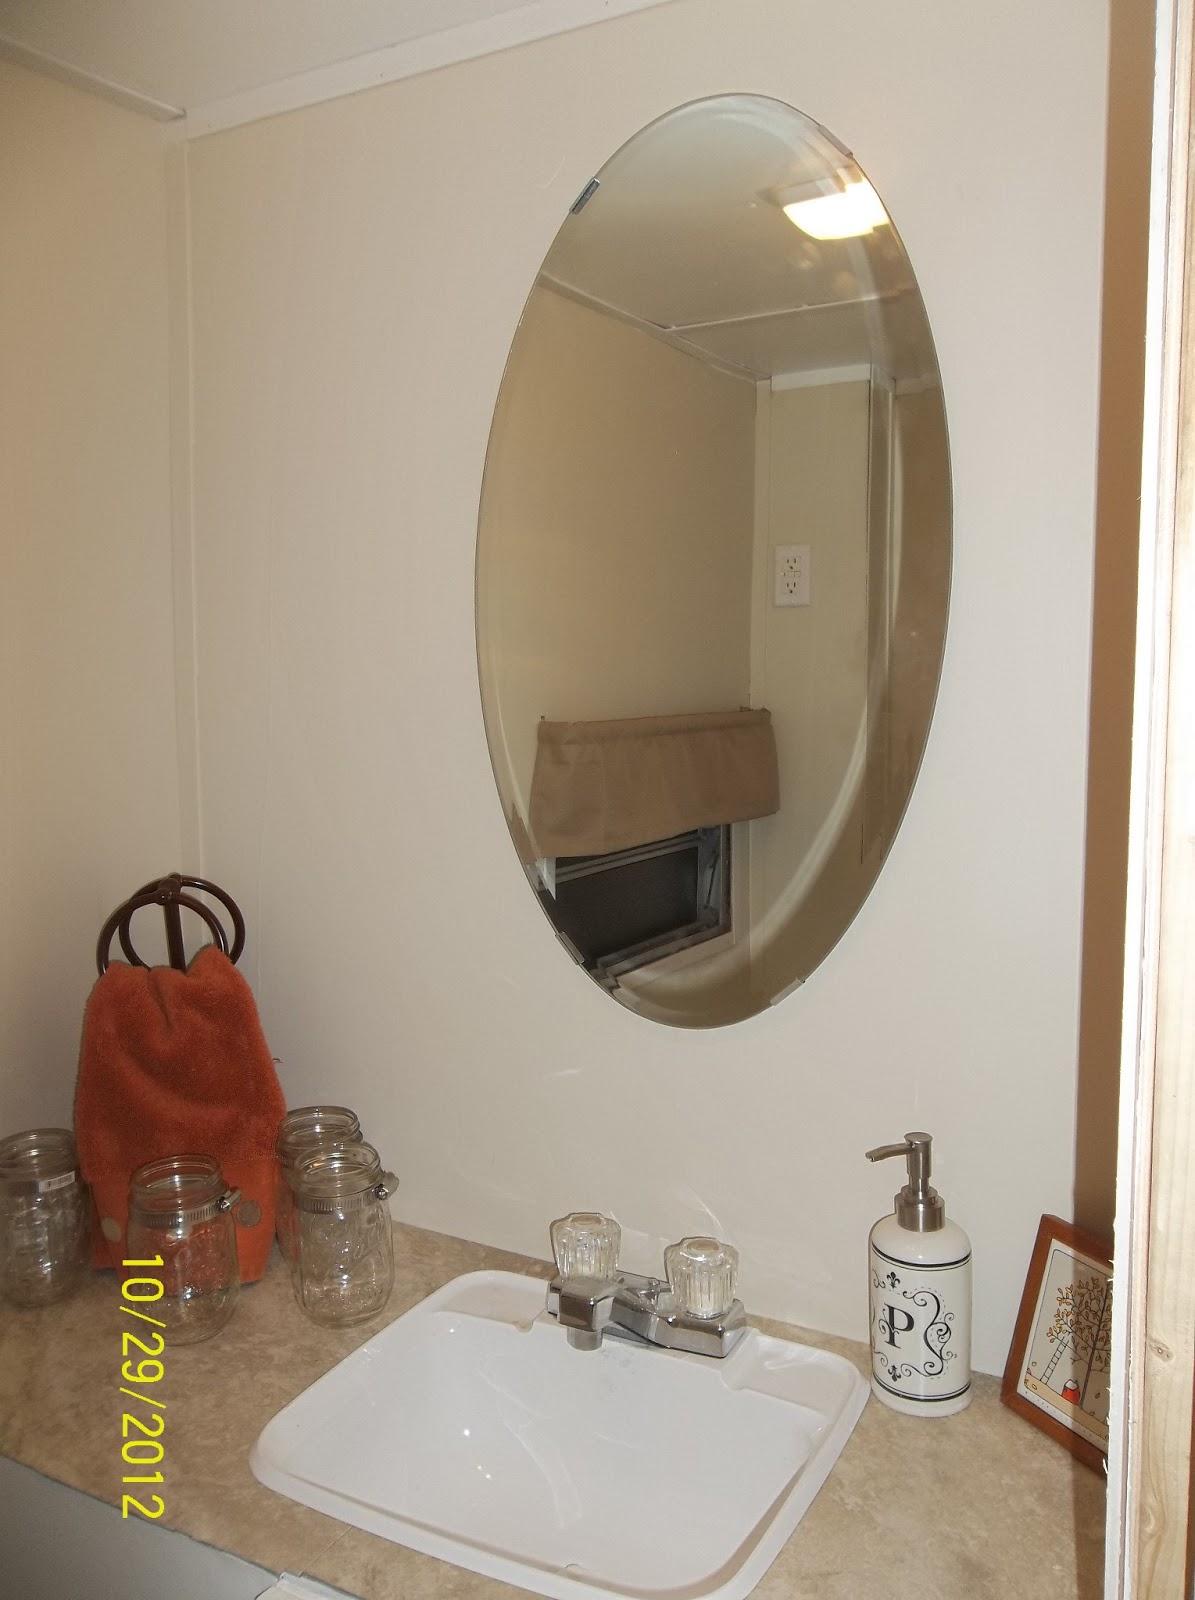 100 Rv Bathroom Remodeling Ideas 80 Wonderful Small